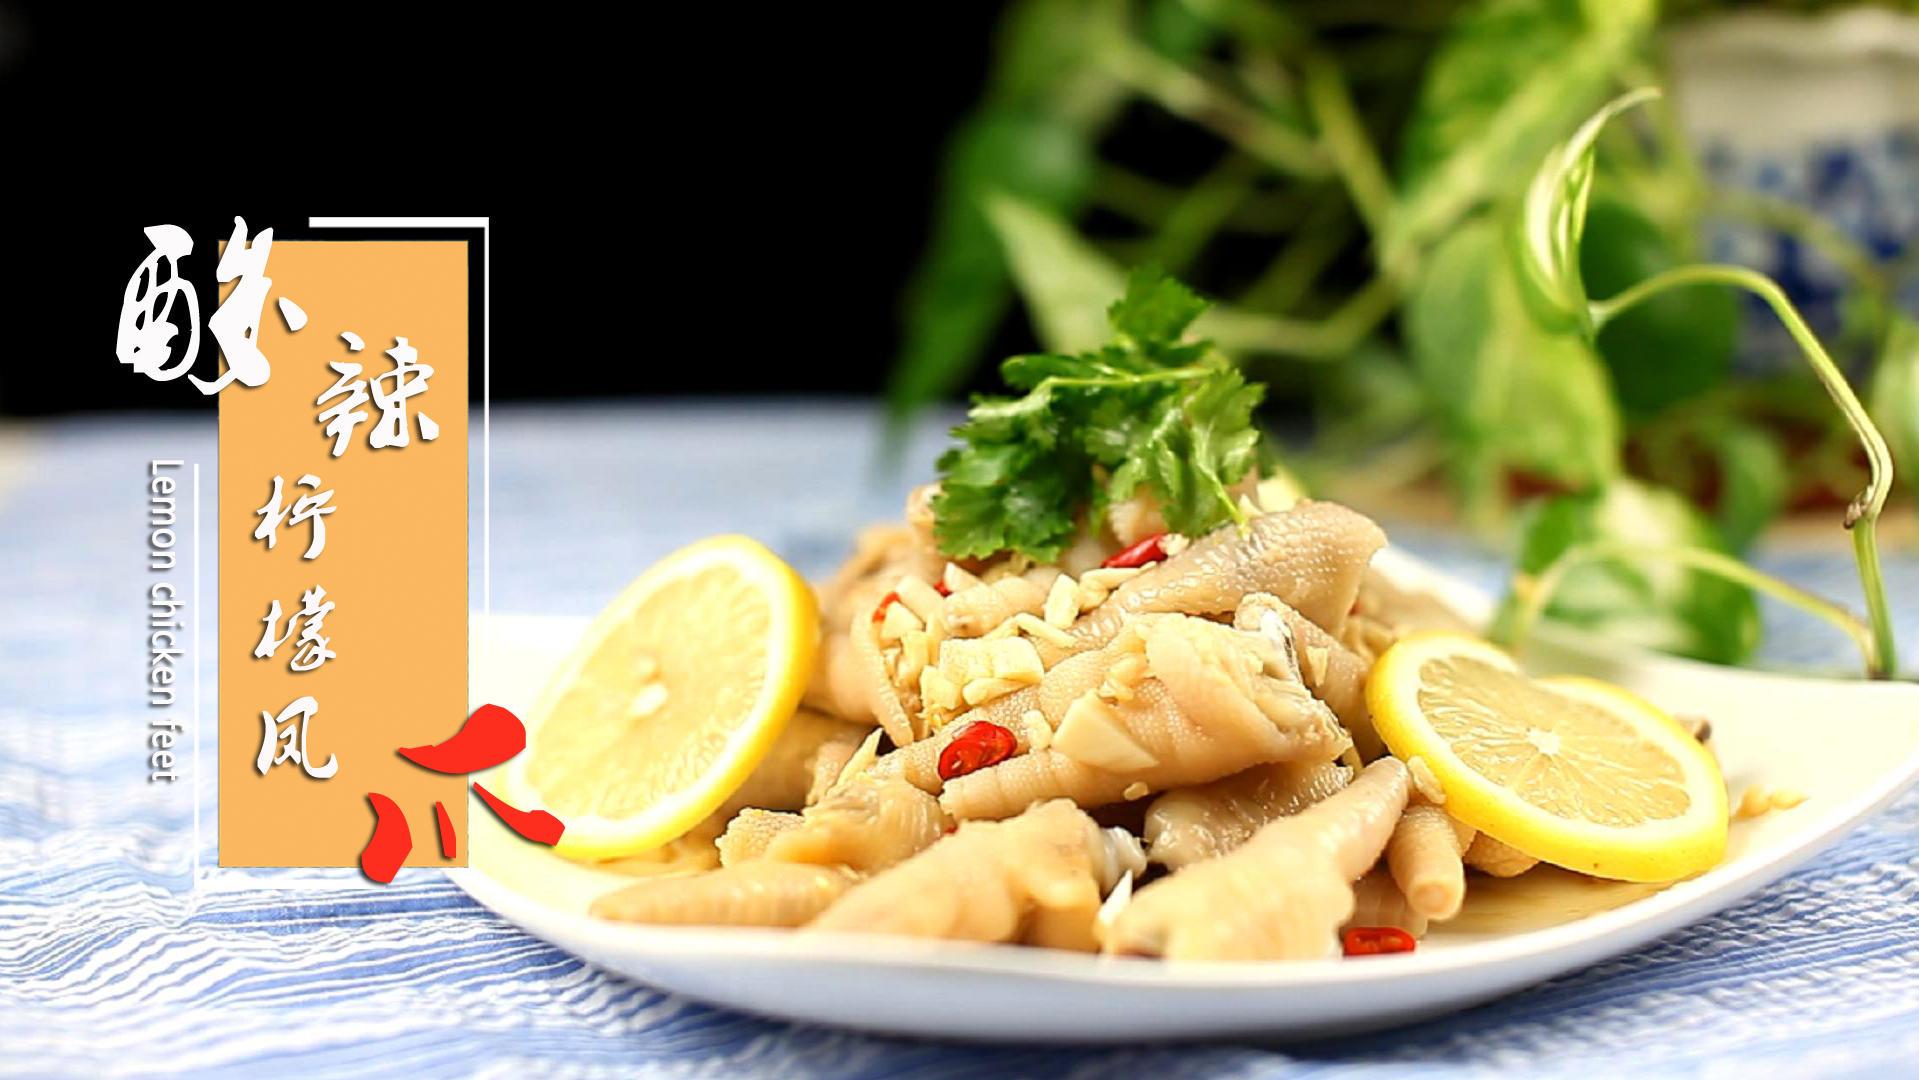 #舌尖上的美食#「食语集」简单几步就做好的柠檬凤爪,酸辣劲道的真好吃